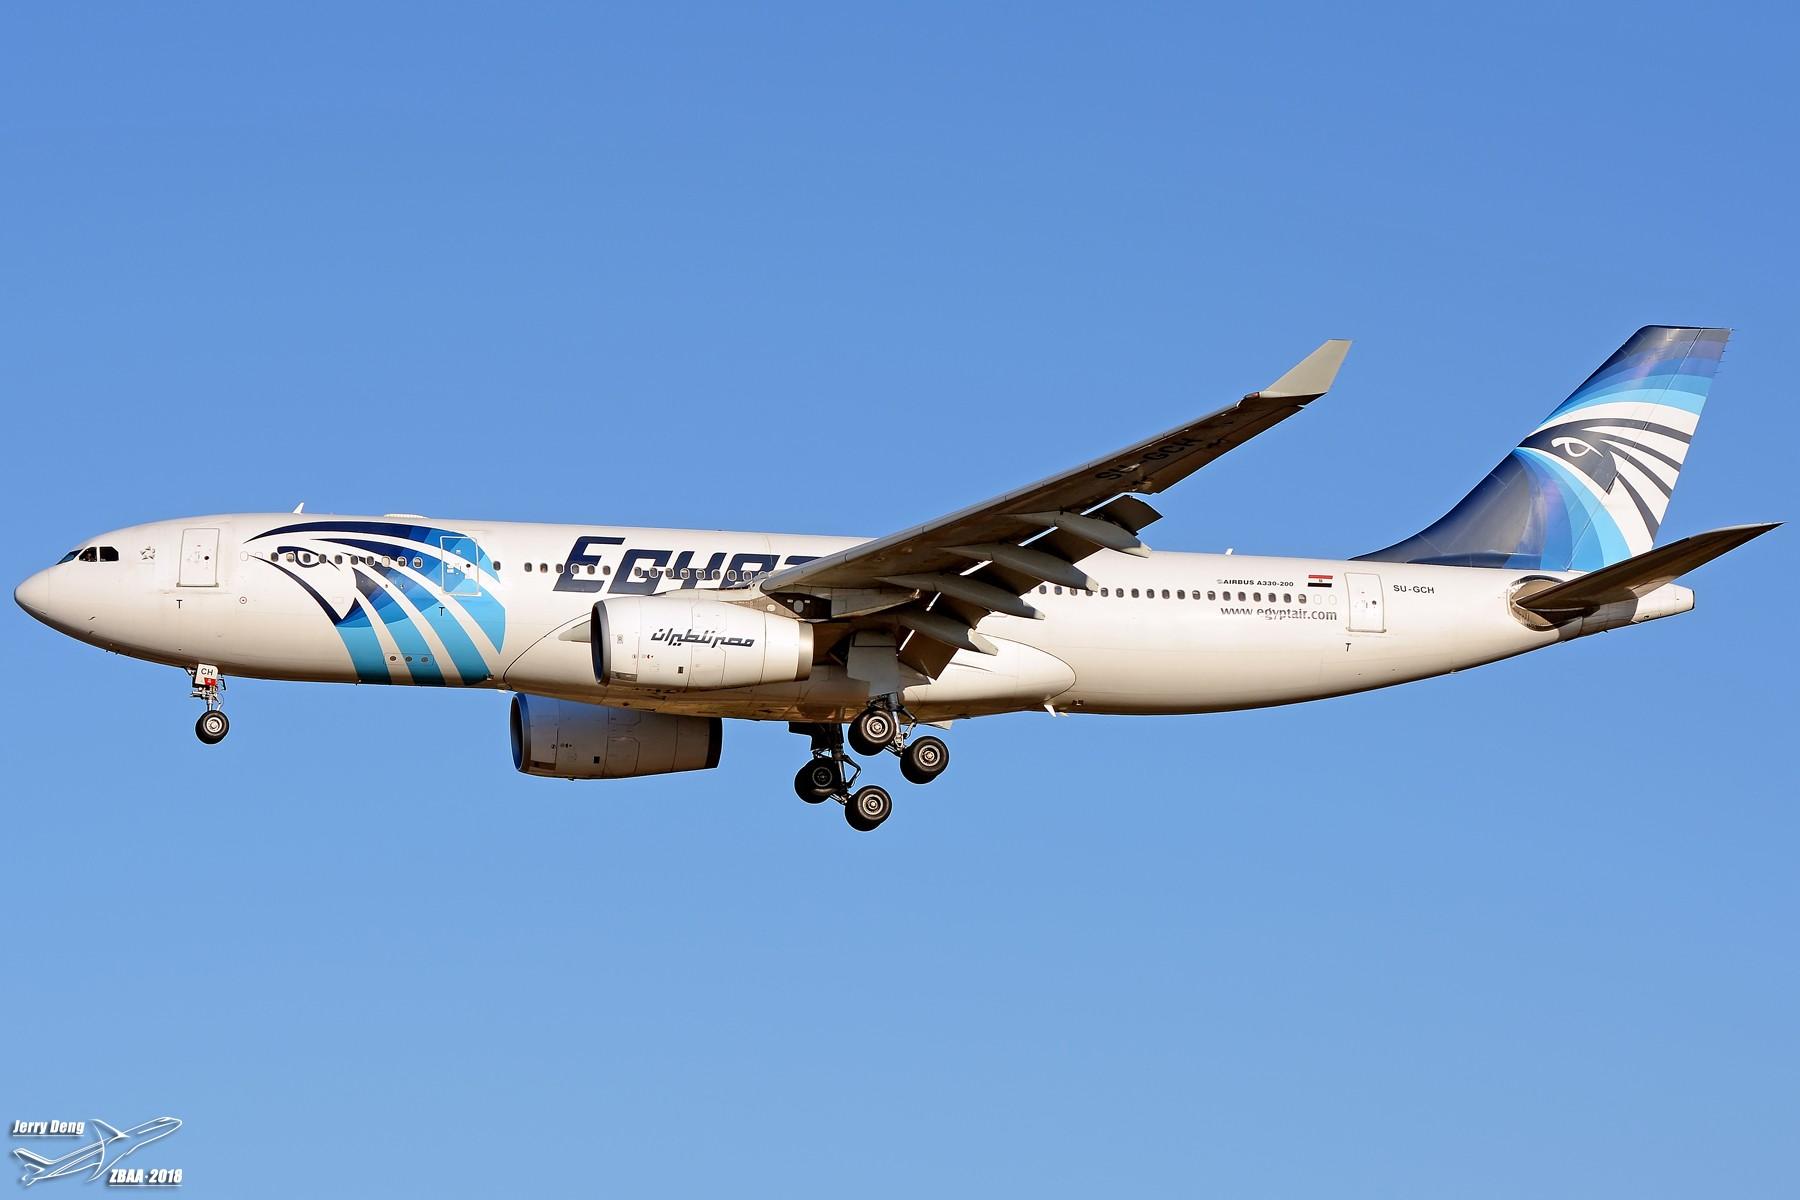 Re:[原创]【多图党】出差赶上天气不错ZBAA随拍 AIRBUS A330-200 SU-GCH 中国北京首都国际机场